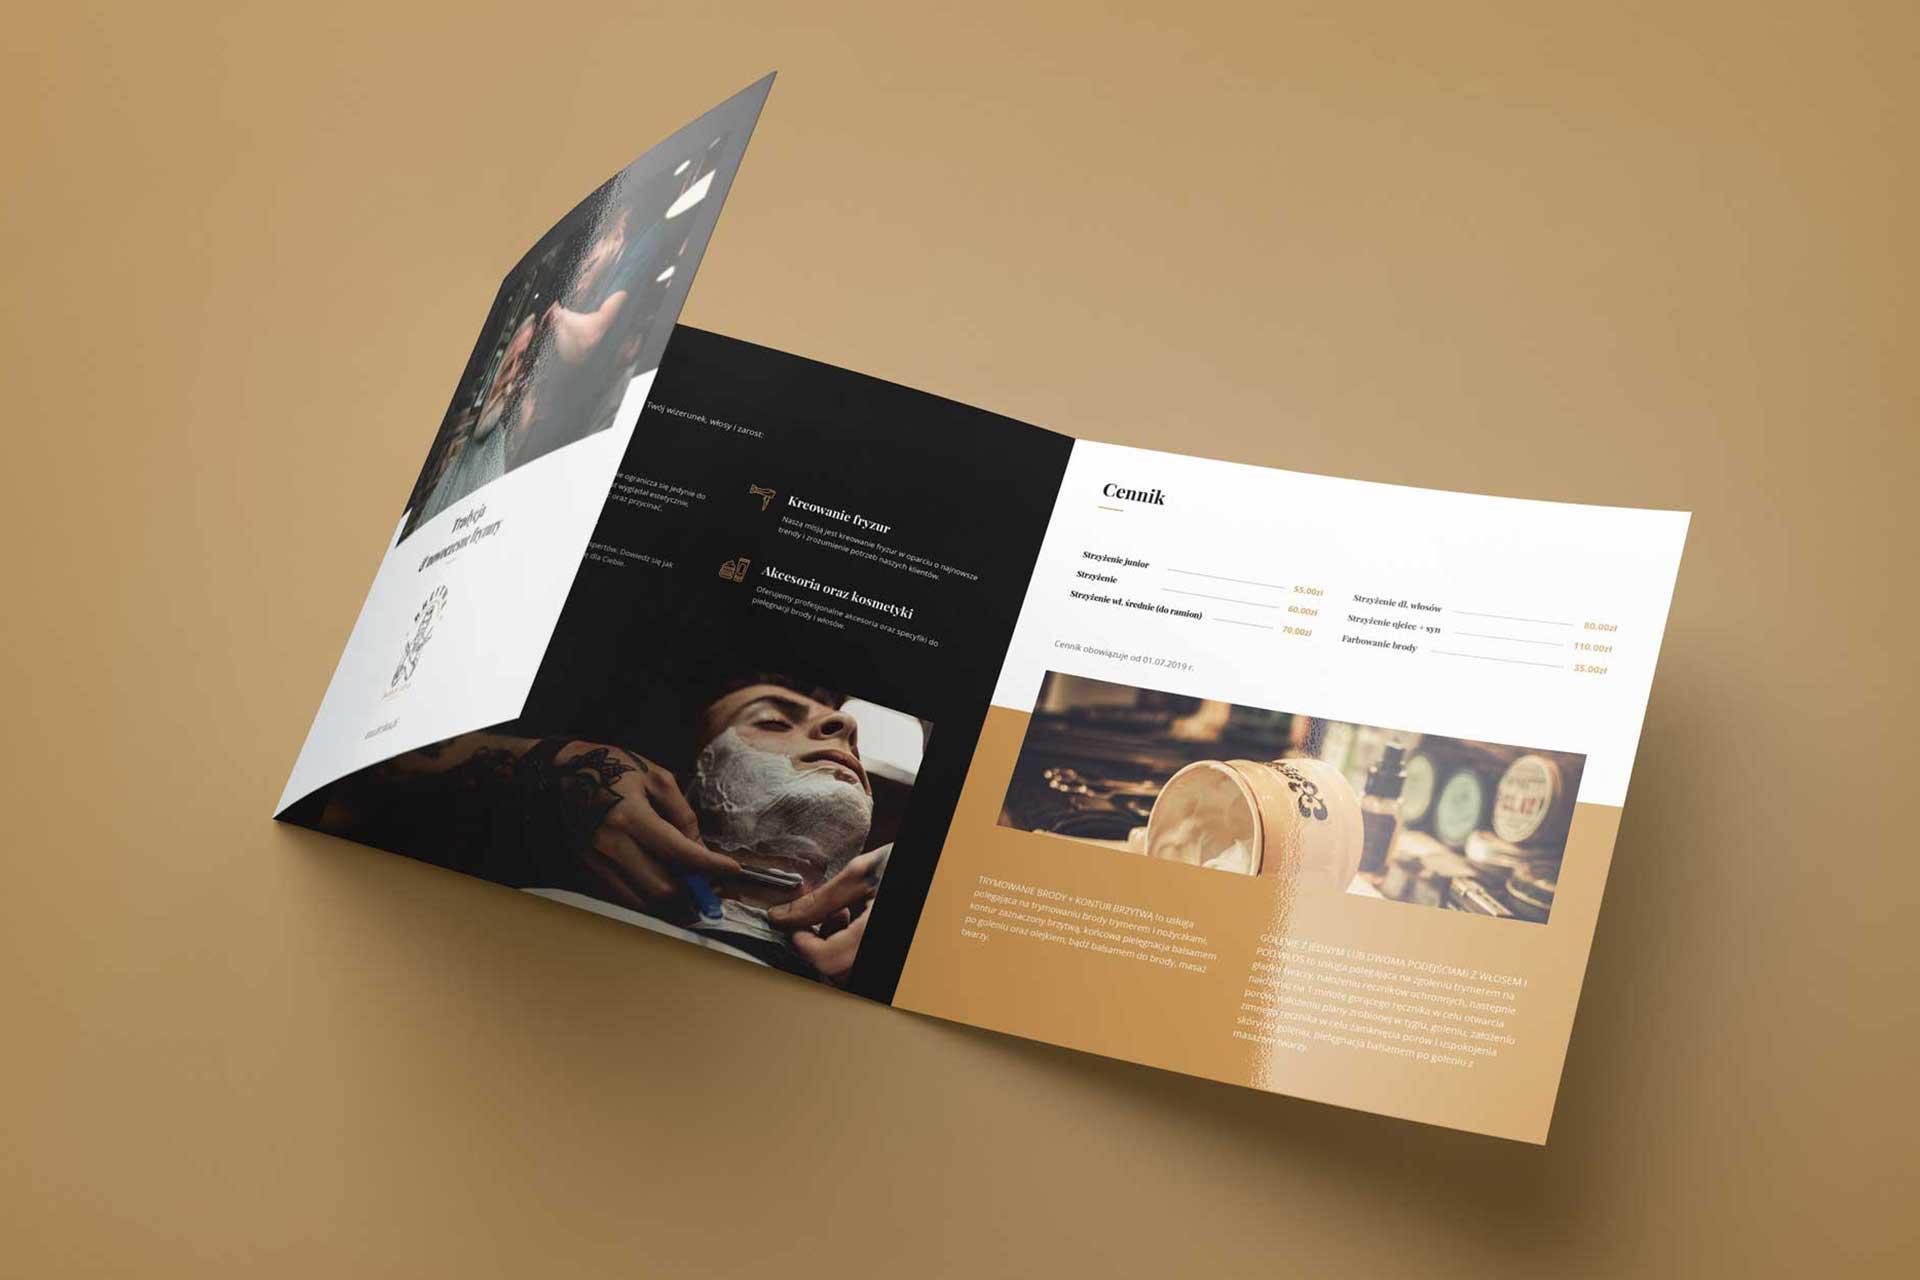 Identyfikacja wizualna w Cobance Studio - case study Brzytwa BarberShop broszura ulotka barber